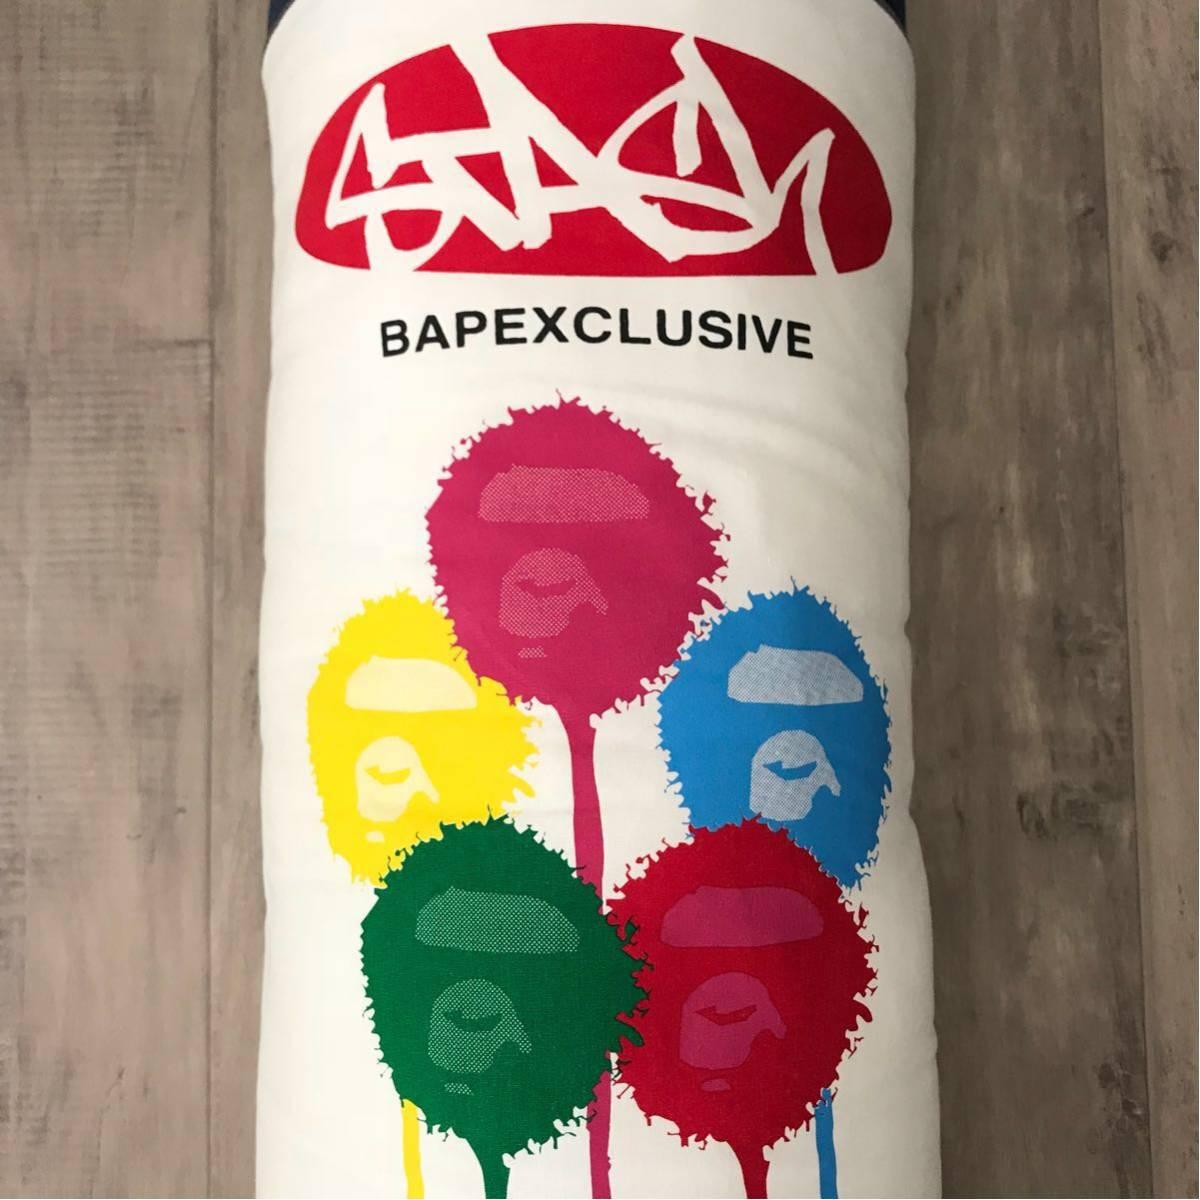 ★激レア★ 特大スプレー缶 クッション stash bape a bathing ape エイプ ベイプ futura スプレー 缶 スタッシュ フューチュラ 初期 shark